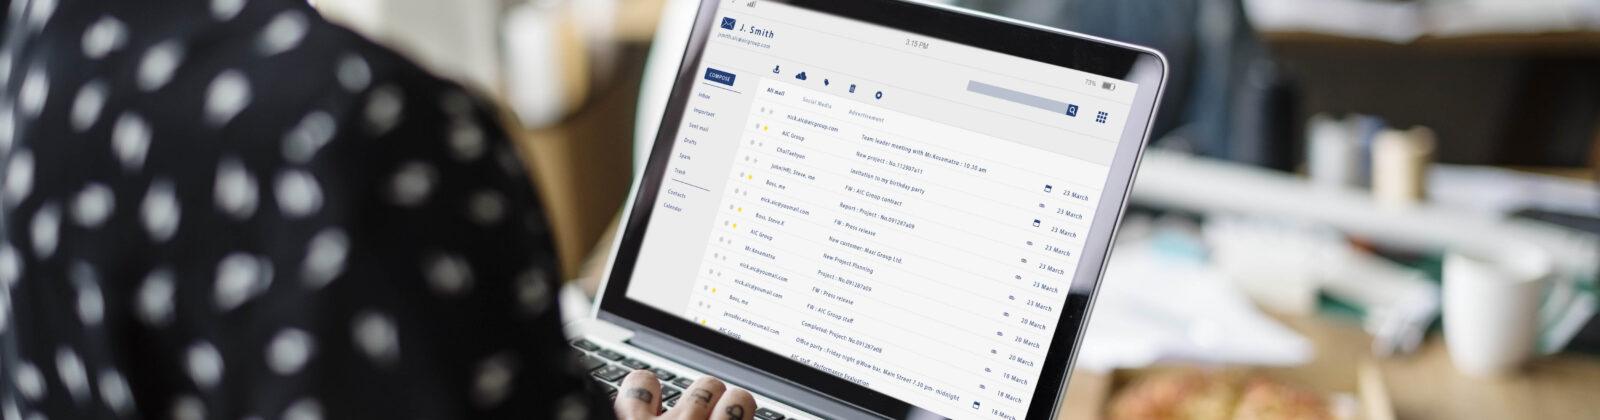 Cómo crear una campaña de mailing de MailerLite